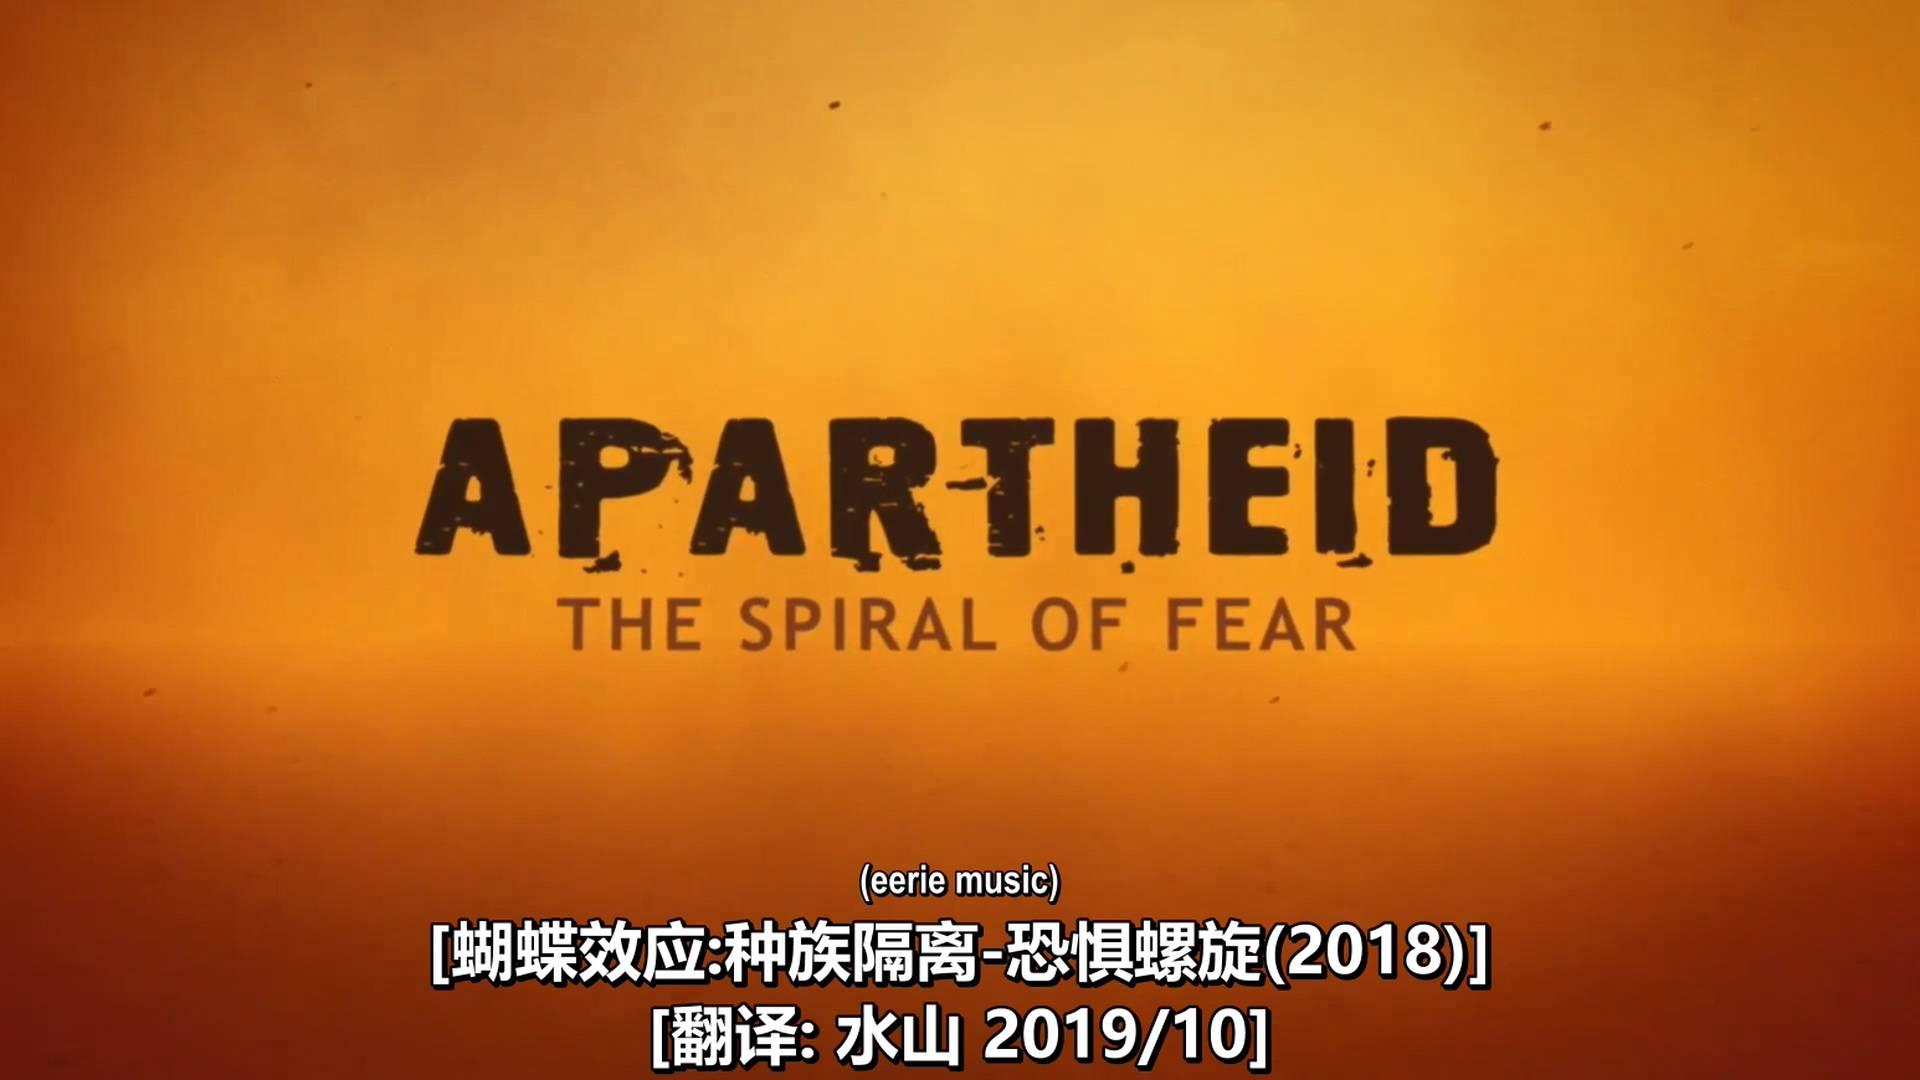 蝴蝶效应:种族隔离-恐惧螺旋(2018)水山汉化